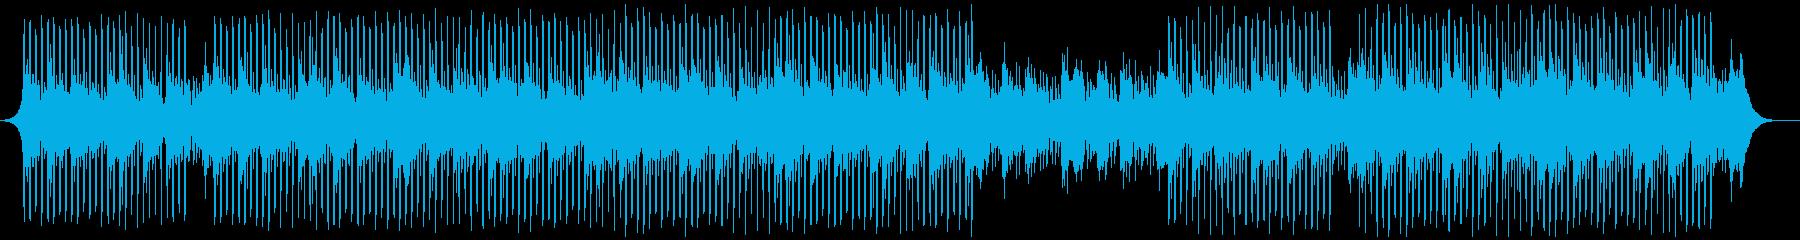 インフォグラフィックの再生済みの波形